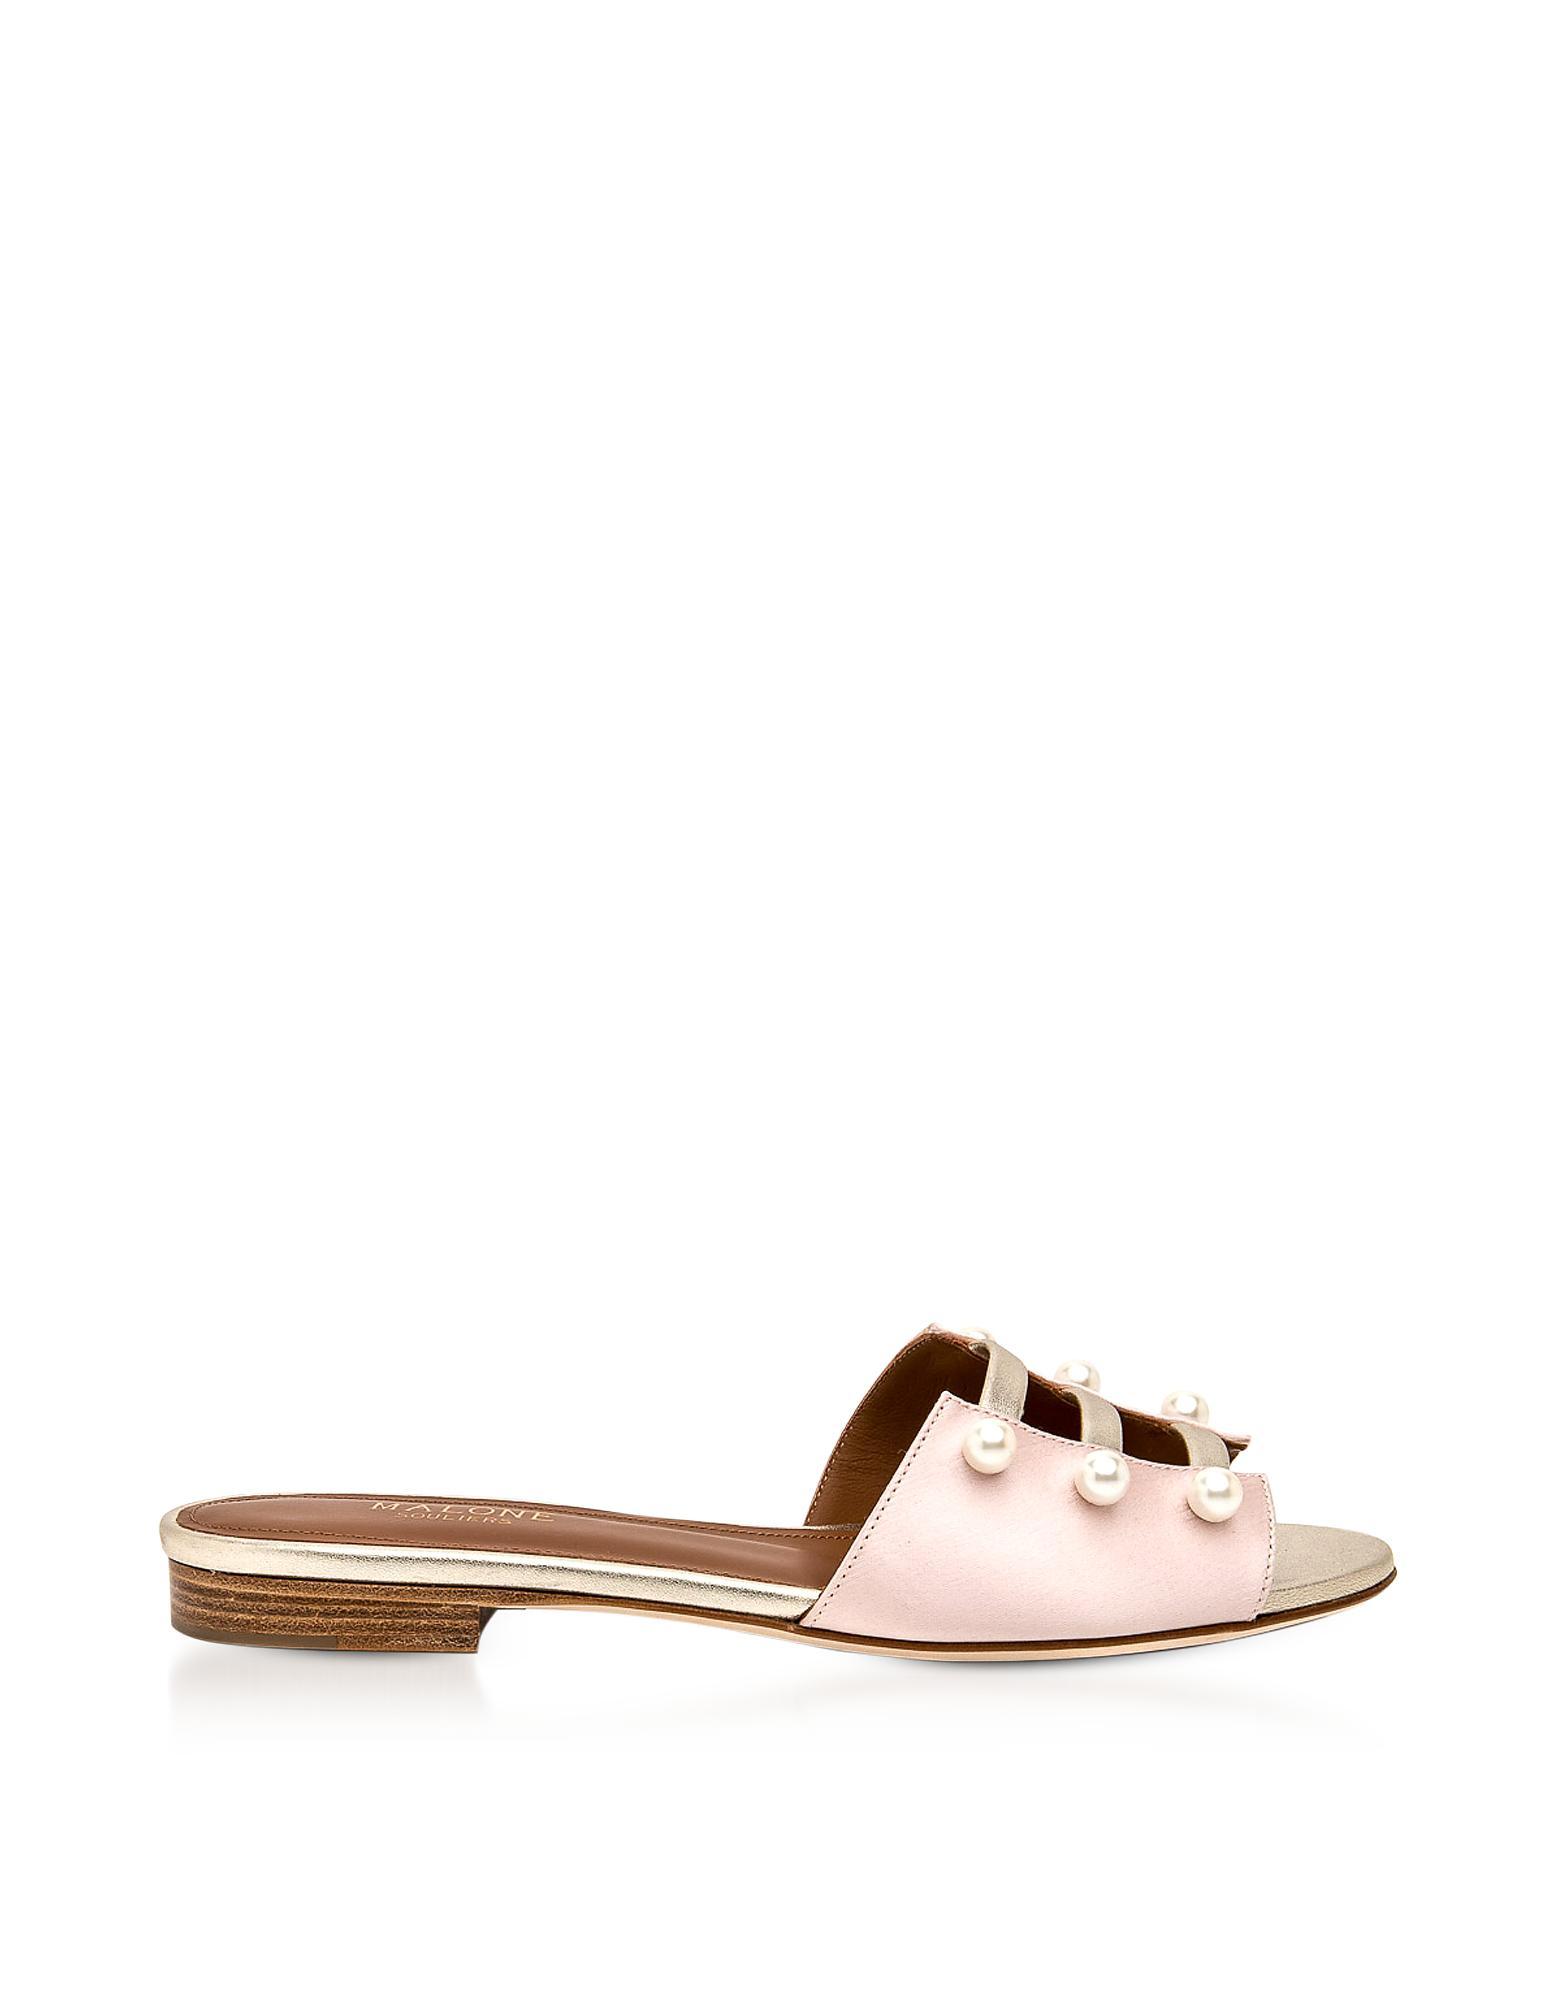 MALONE SOULIERS Zelda Embellished Satin Sandals